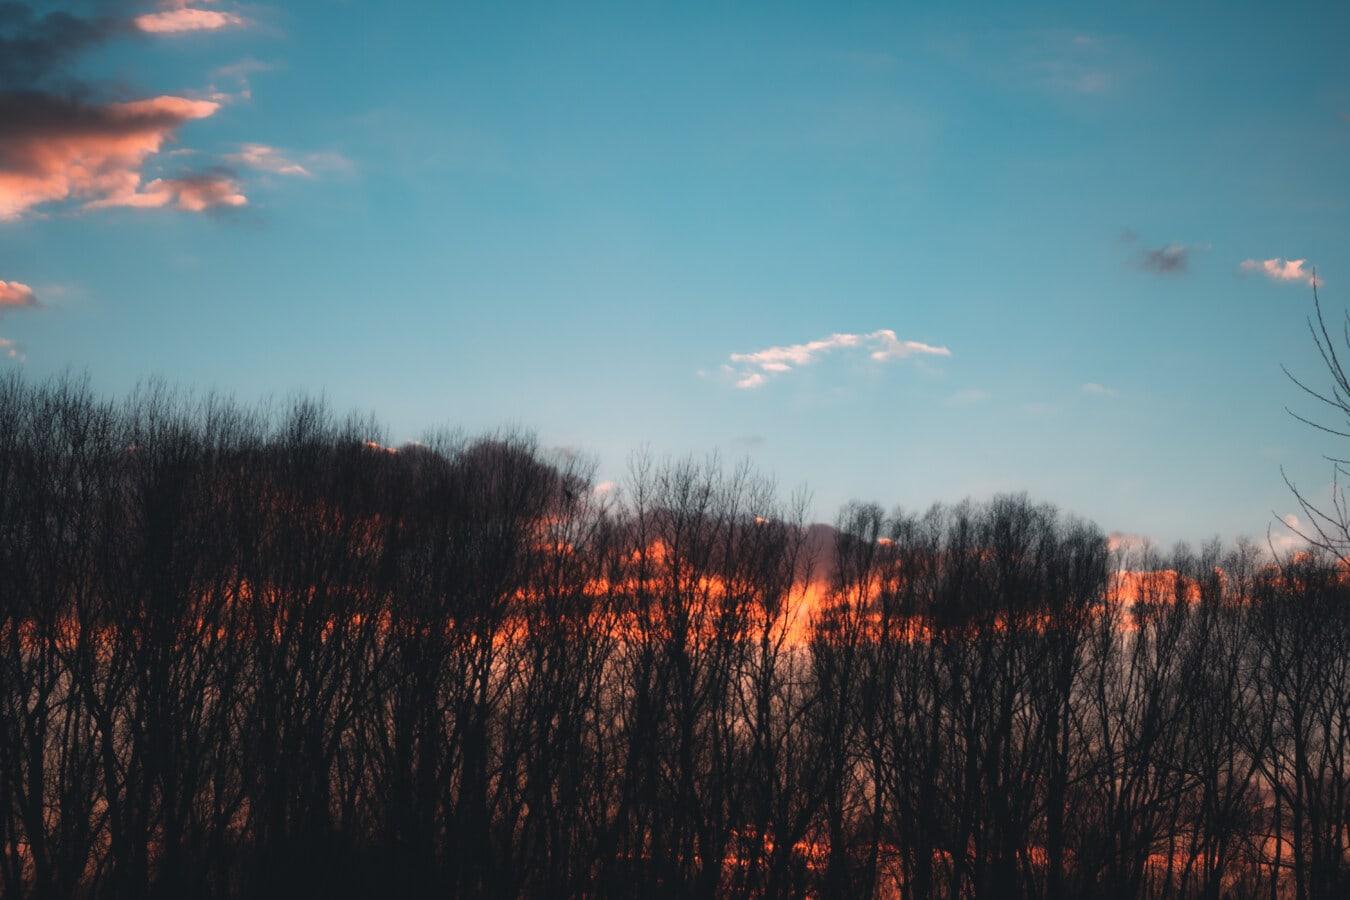 Sonnenaufgang, Wald, Bäume, Dämmerung, Natur, Holz, Landschaft, Sonne, Struktur, Schönwetter